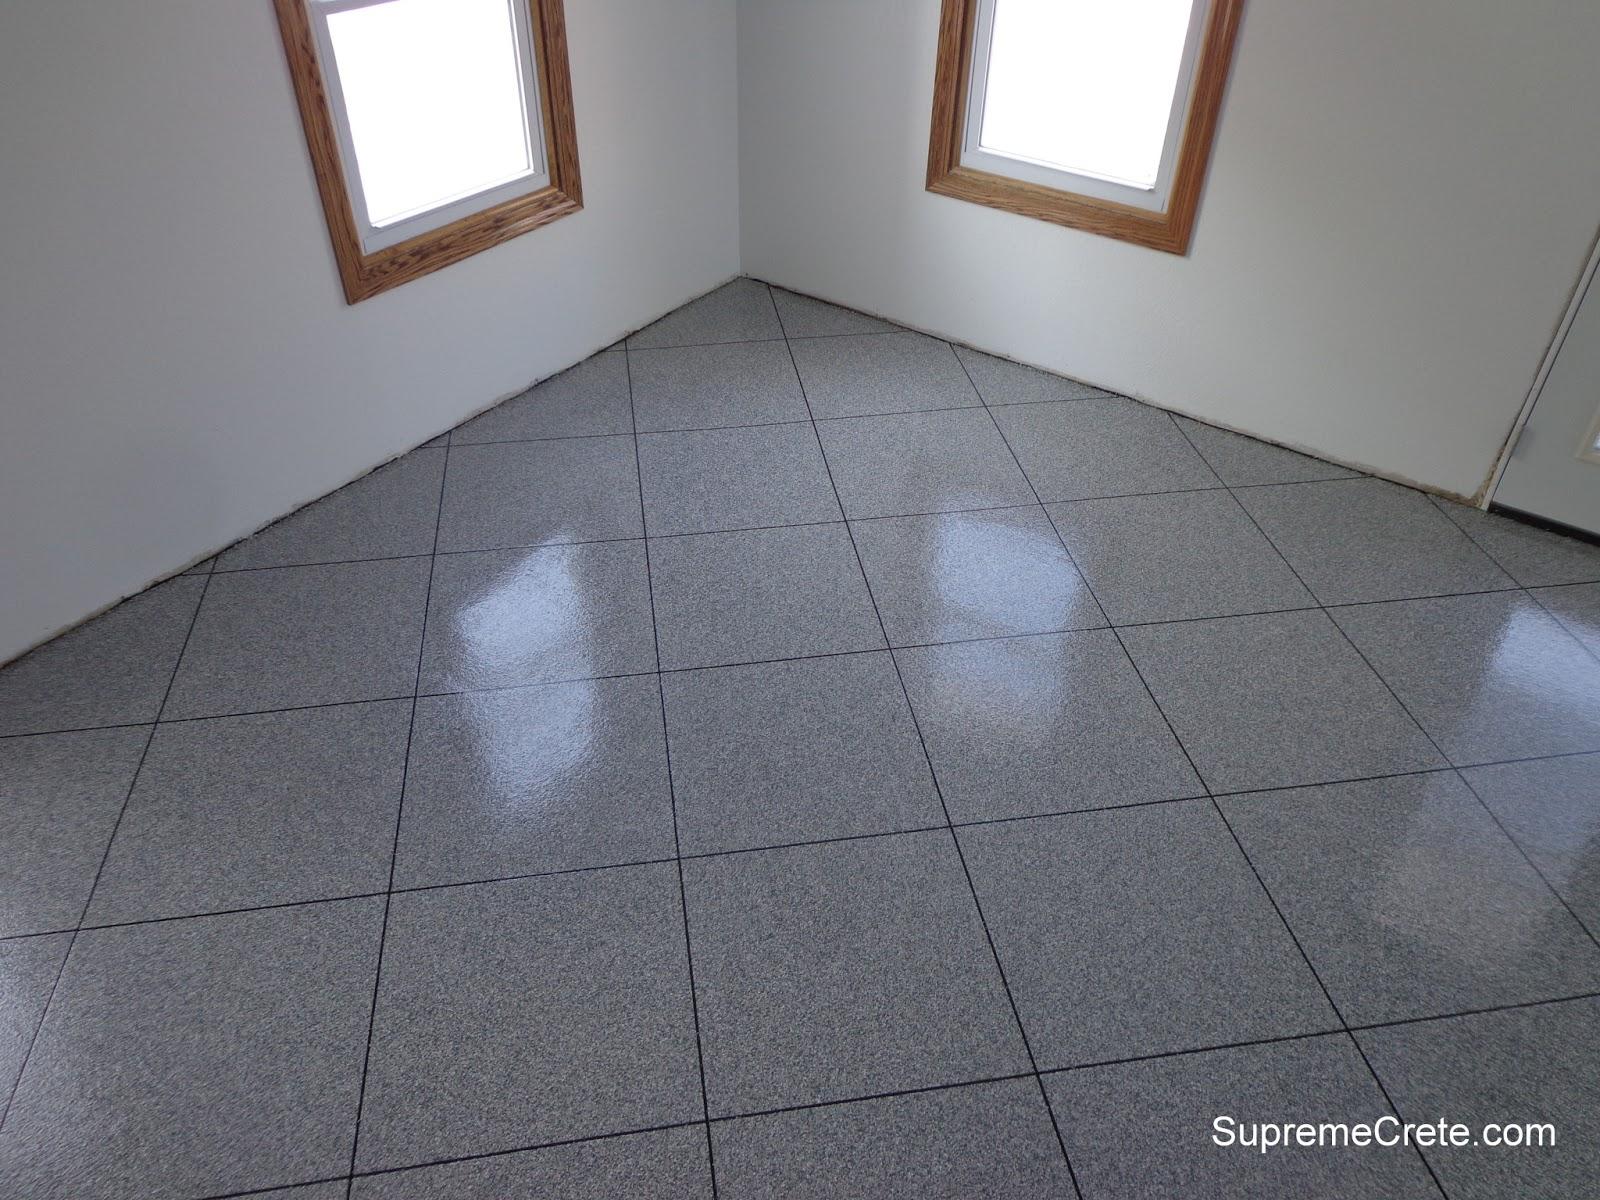 Decorative Concrete Contractors Epoxy Granite Tile Flooring New - Clear epoxy over tile